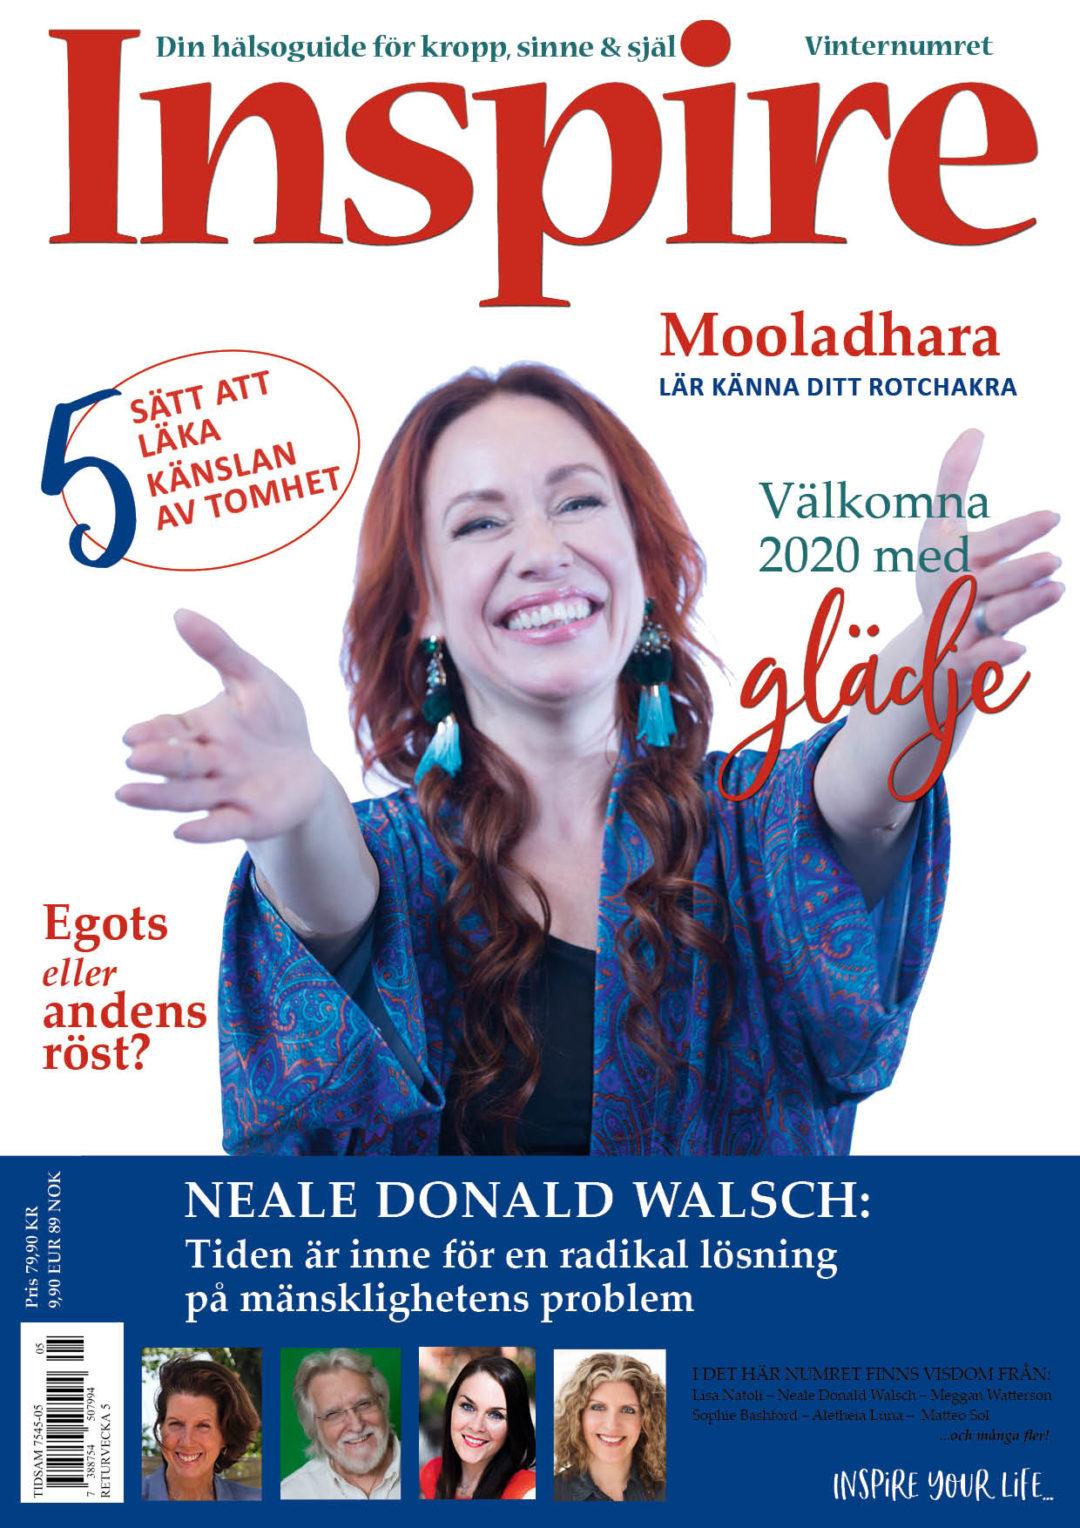 Zoës krönika, Inspire tidningen, december 2019